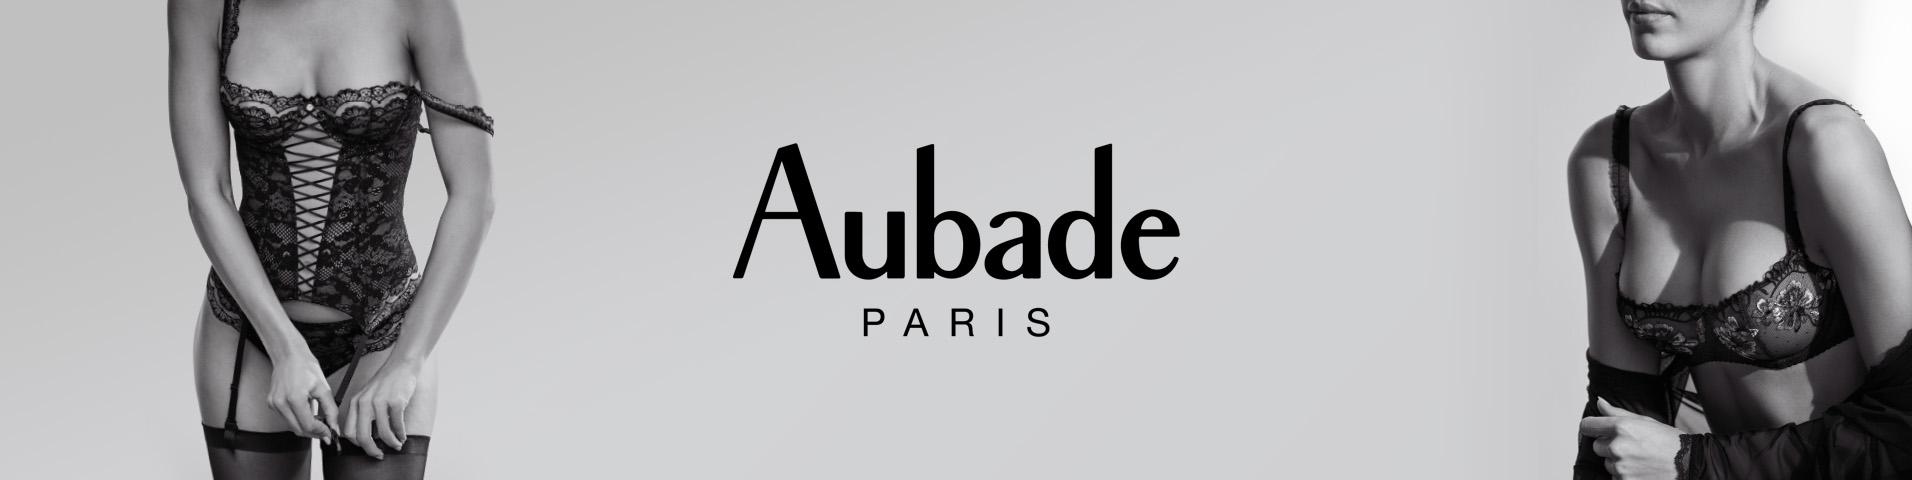 eb497bb106c9 Articles pour femme de Aubade